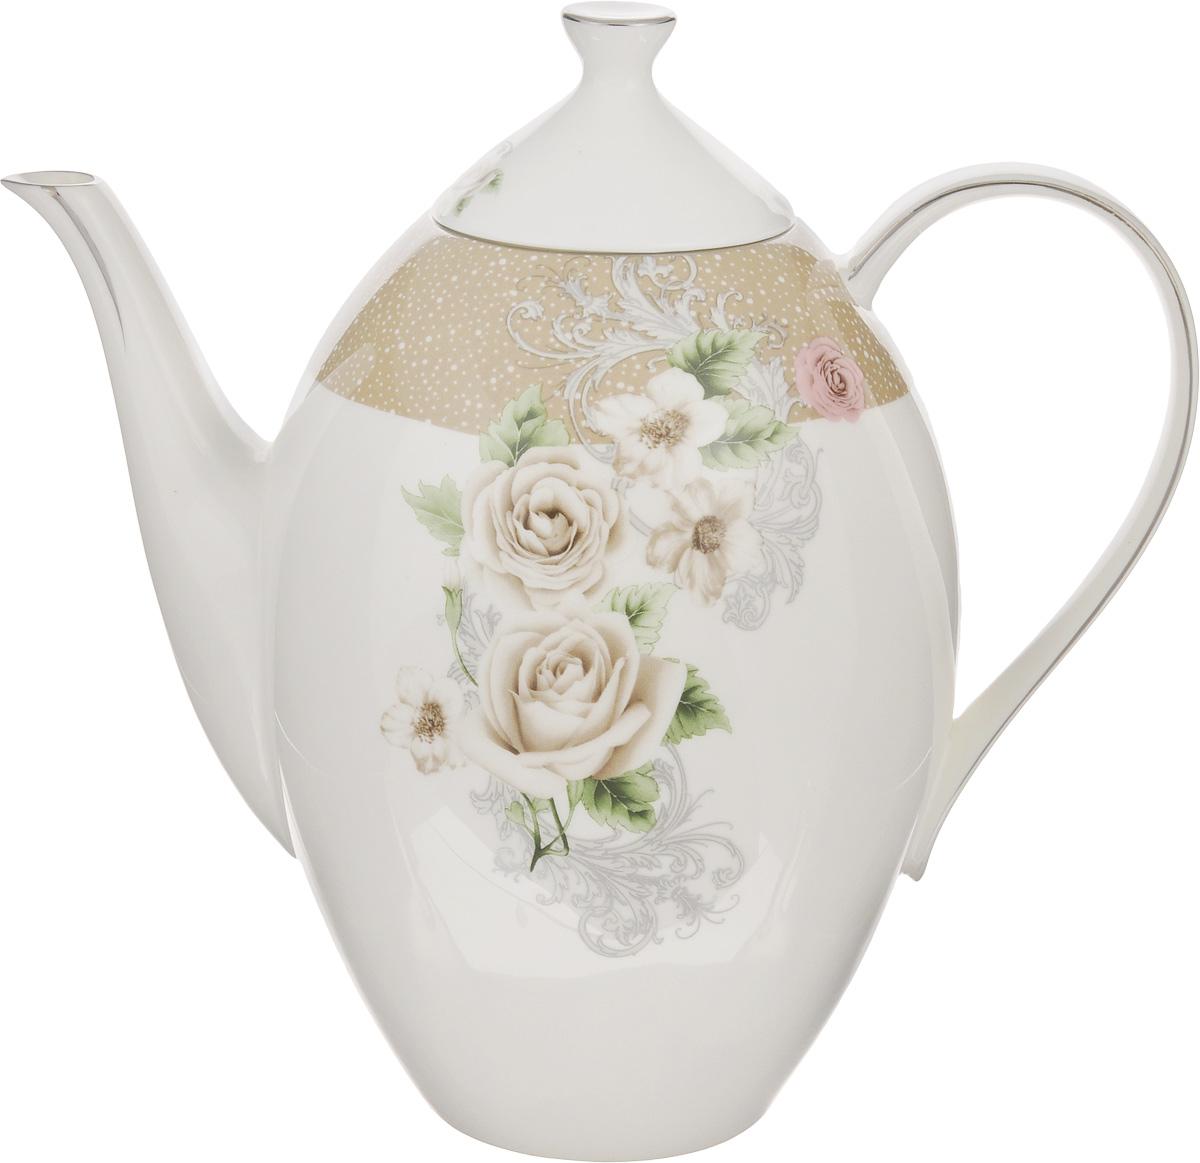 Чайник заварочный Family & Friends Florance, 1,3 лVT-1520(SR)Заварочный чайник Family & Friends Florance изготовлен из фарфора и оформлен оригинальным цветочным узором. Такой чайник прекраснодополнит сервировку стола к чаепитию и станет его неизменным атрибутом.Объем: 1,3 л. Диаметр (по верхнему краю): 6 см. Высота стенки (без учета крышки): 17 см.